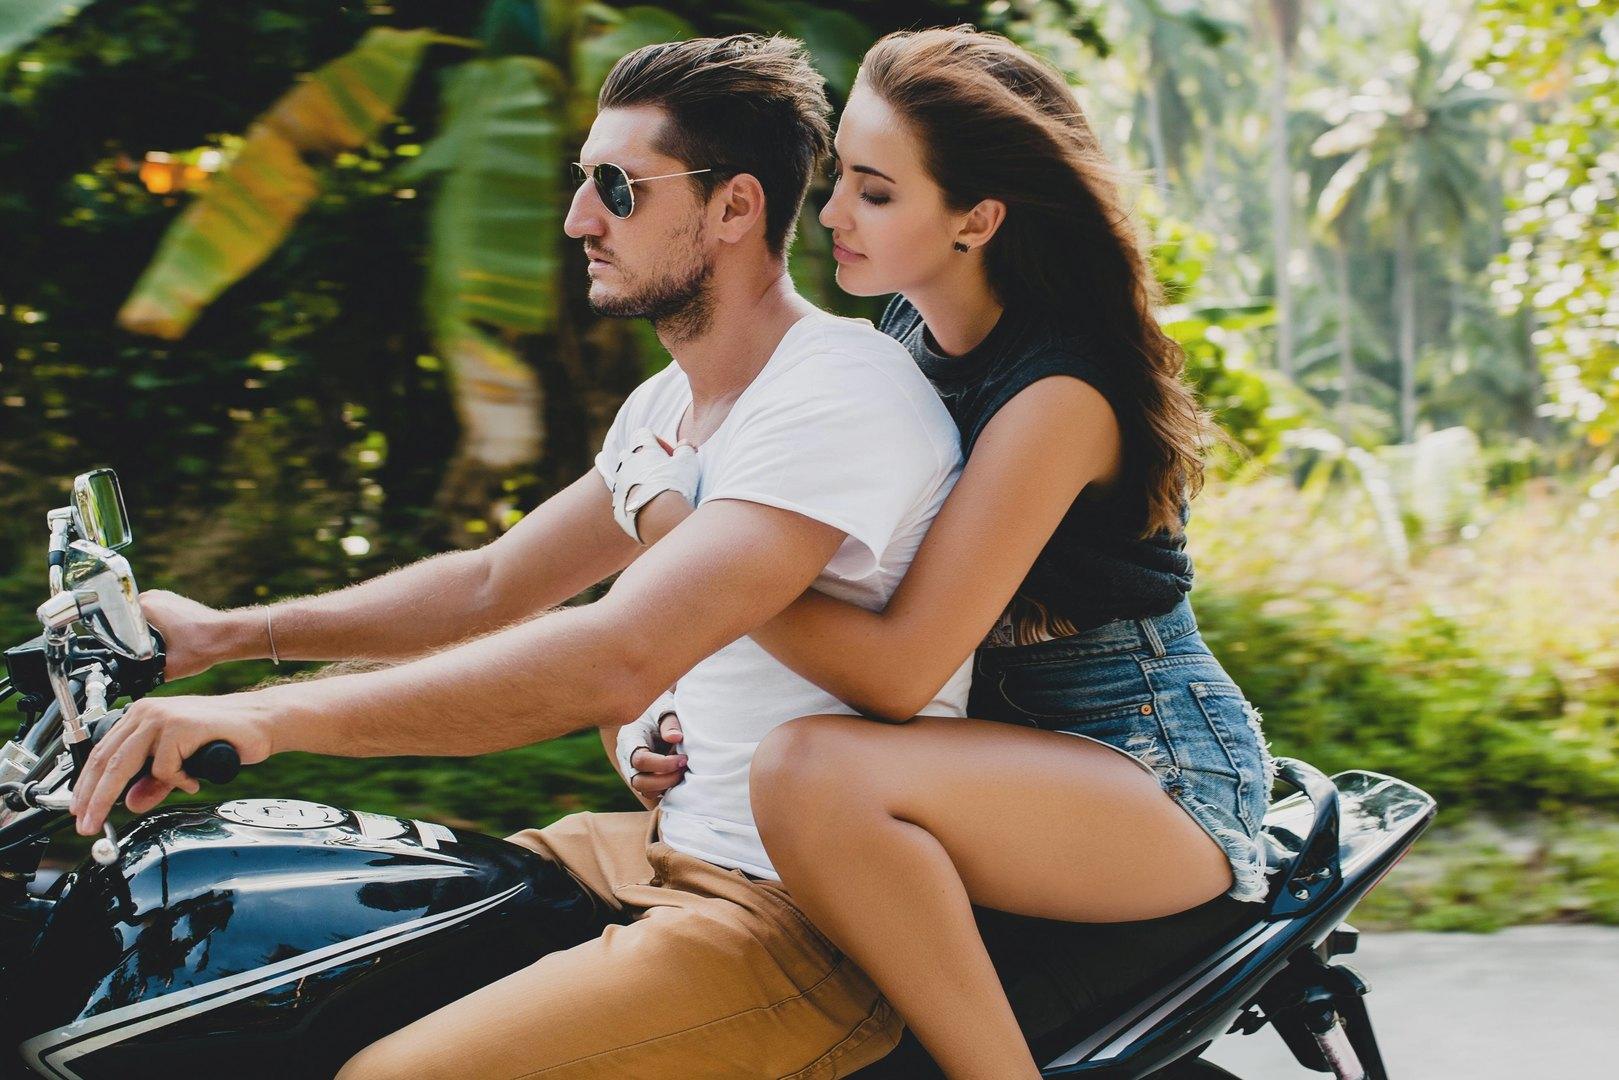 Молодая пара намотоцикле